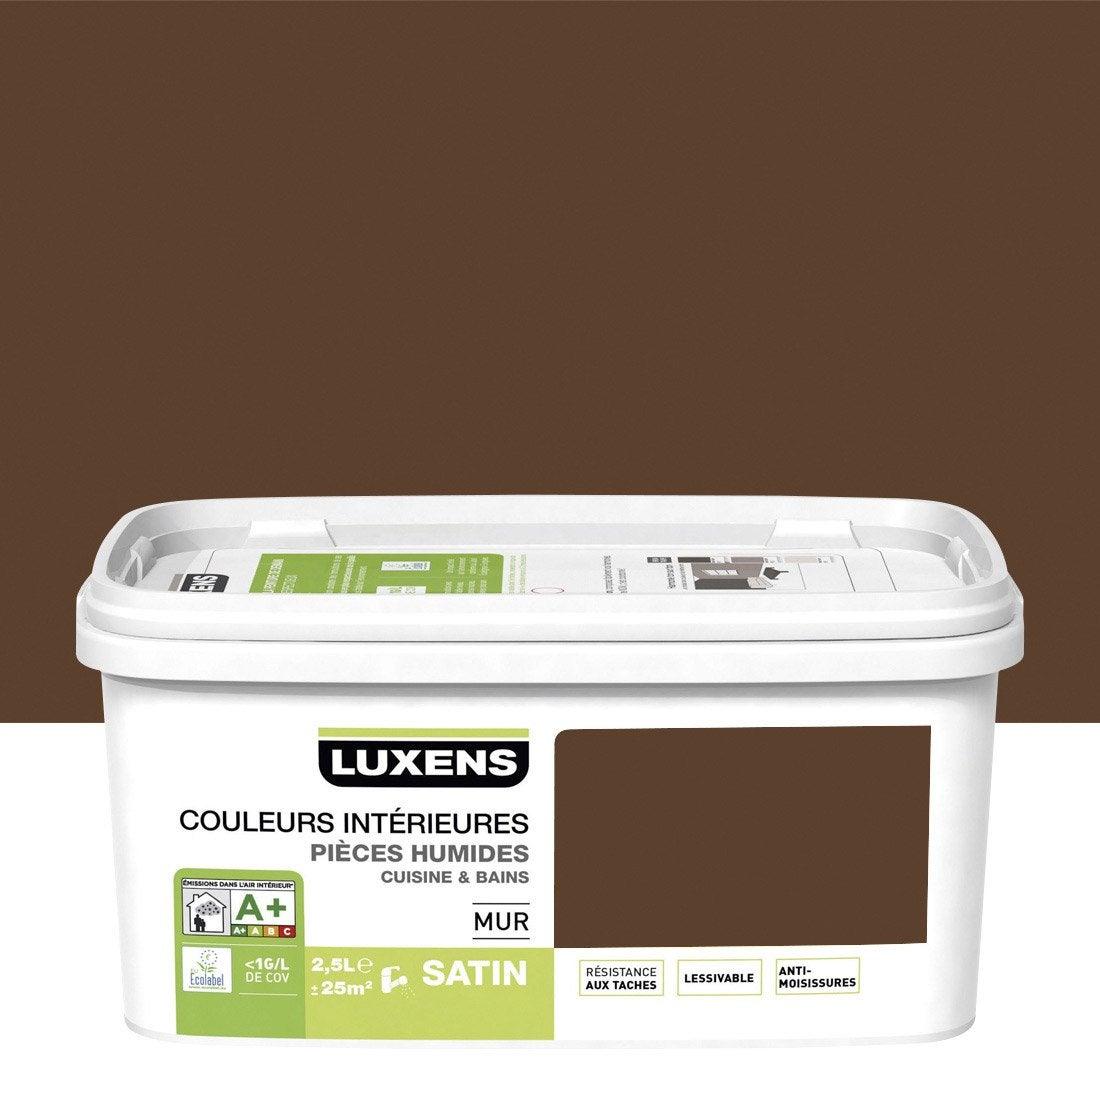 Peinture couleurs int rieures luxens brun chocolat 3 2 for Peinture couleur chocolat